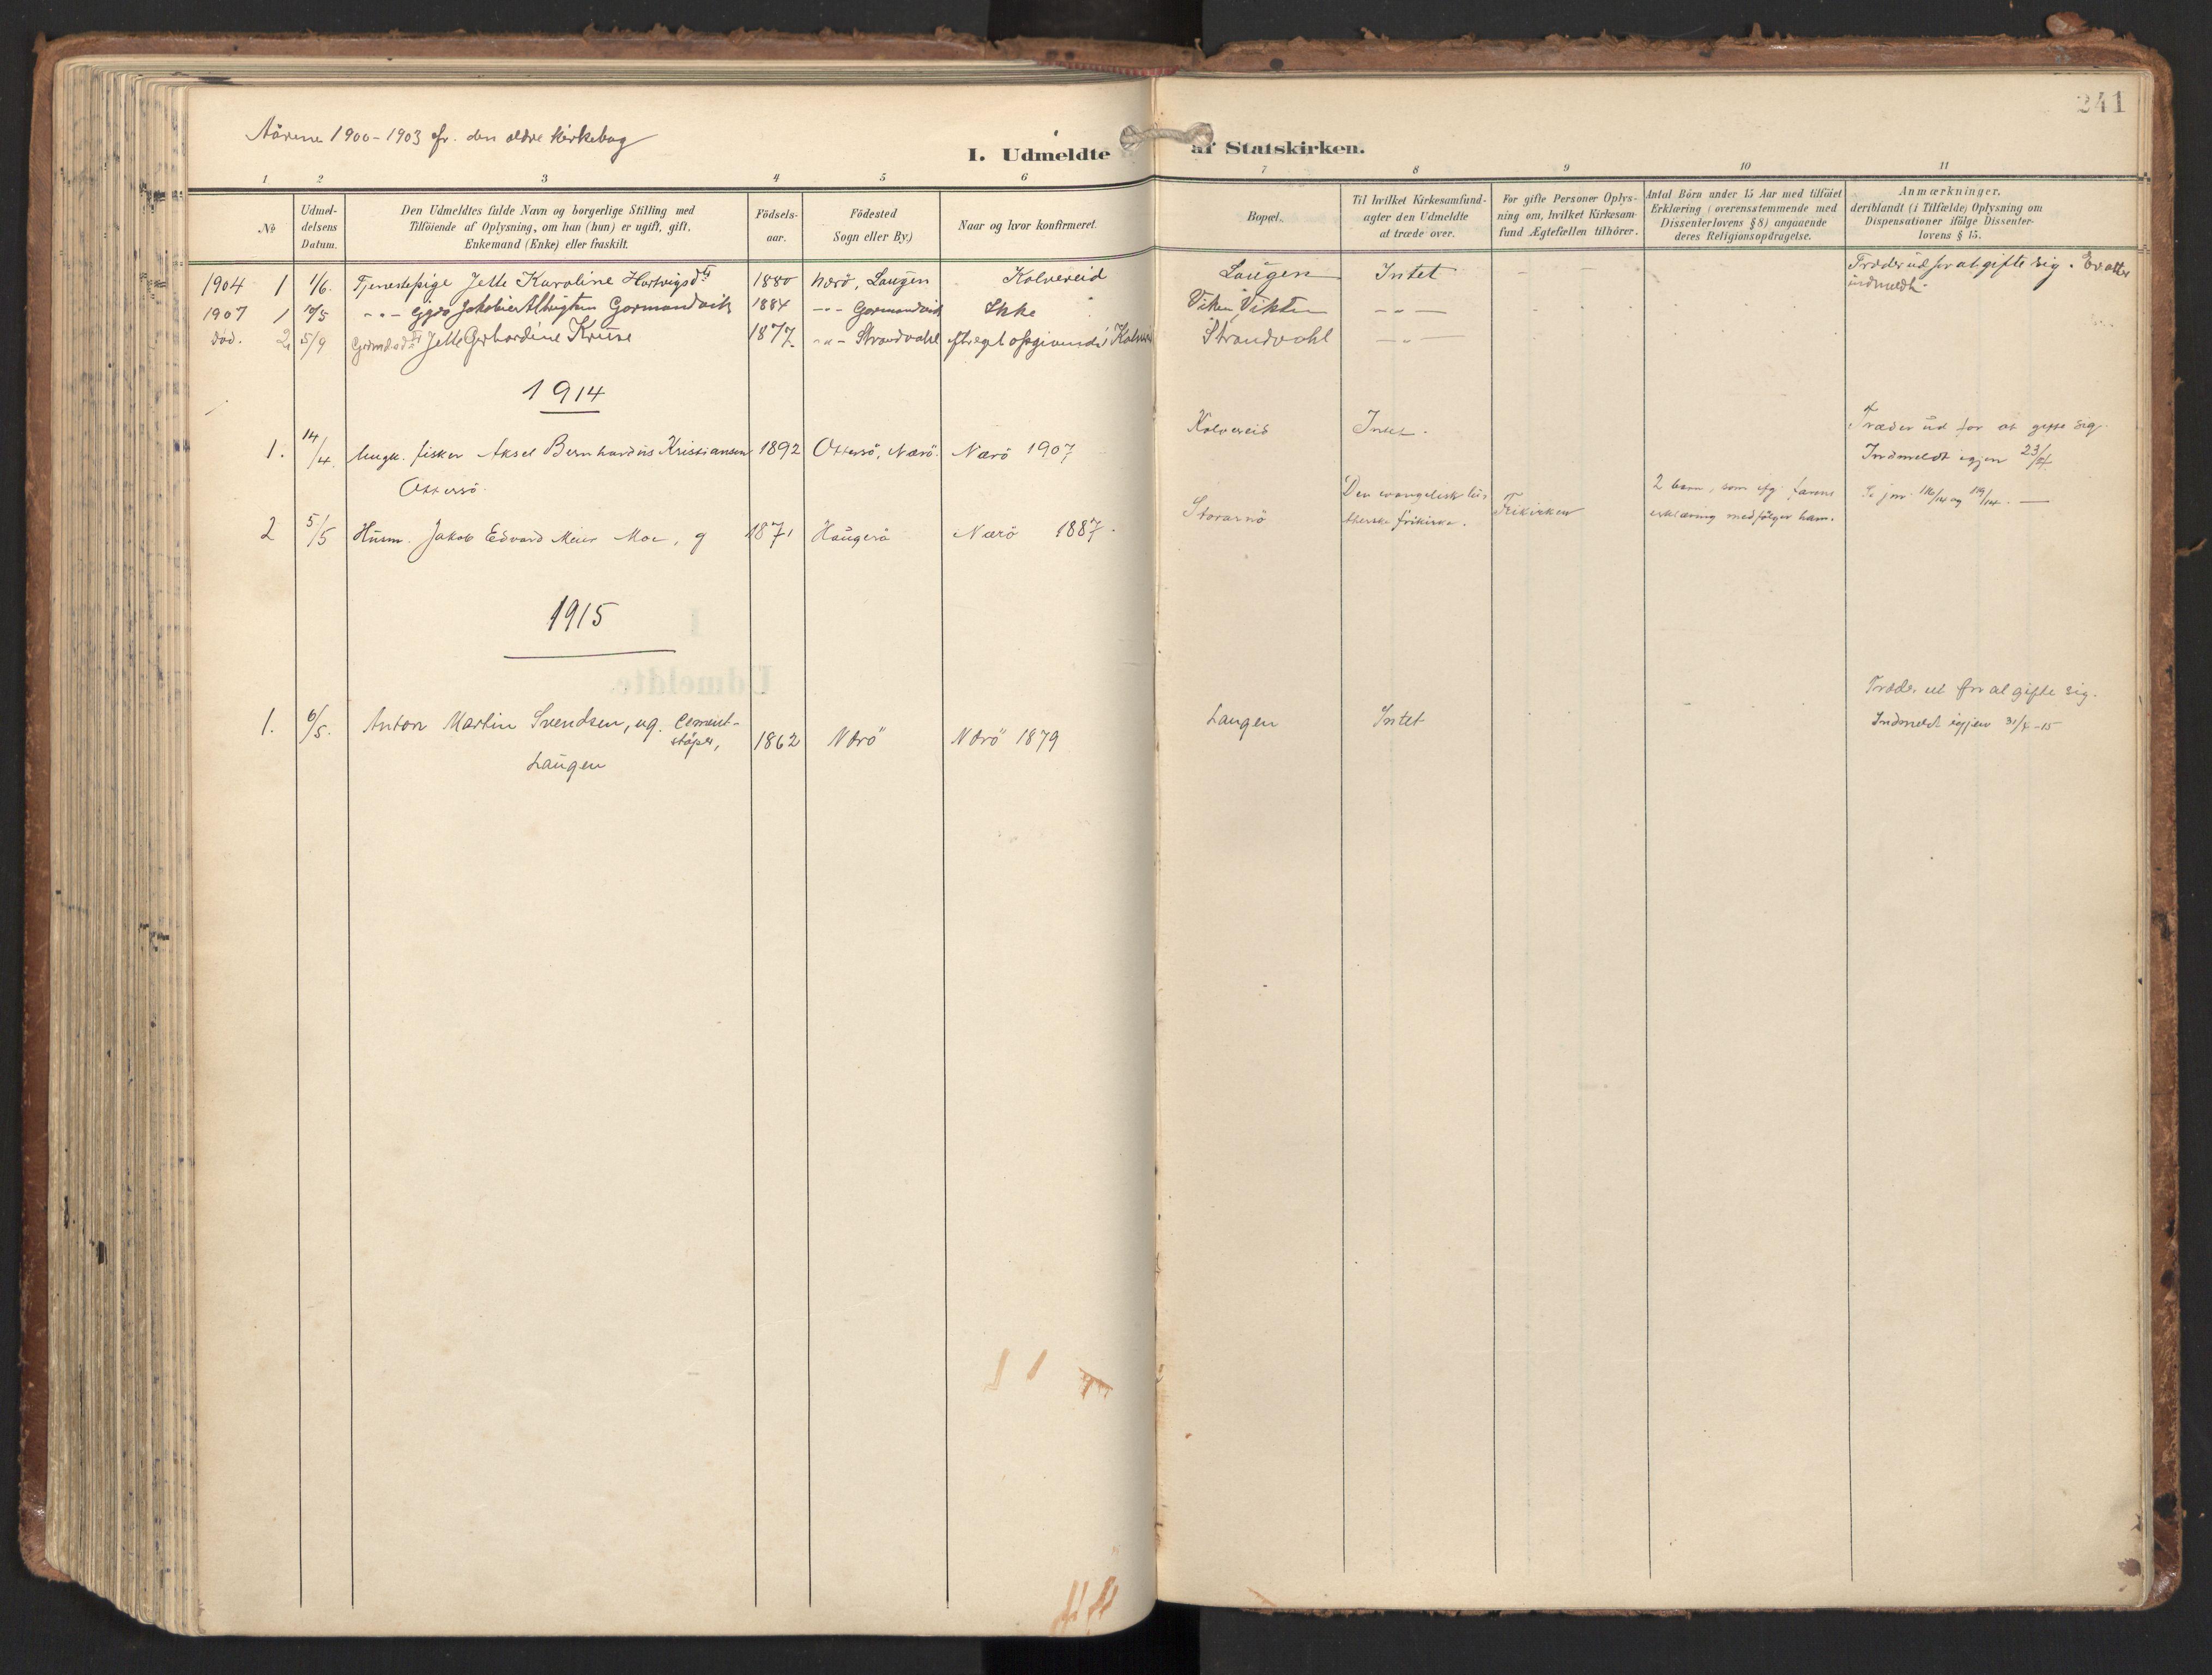 SAT, Ministerialprotokoller, klokkerbøker og fødselsregistre - Nord-Trøndelag, 784/L0677: Ministerialbok nr. 784A12, 1900-1920, s. 241